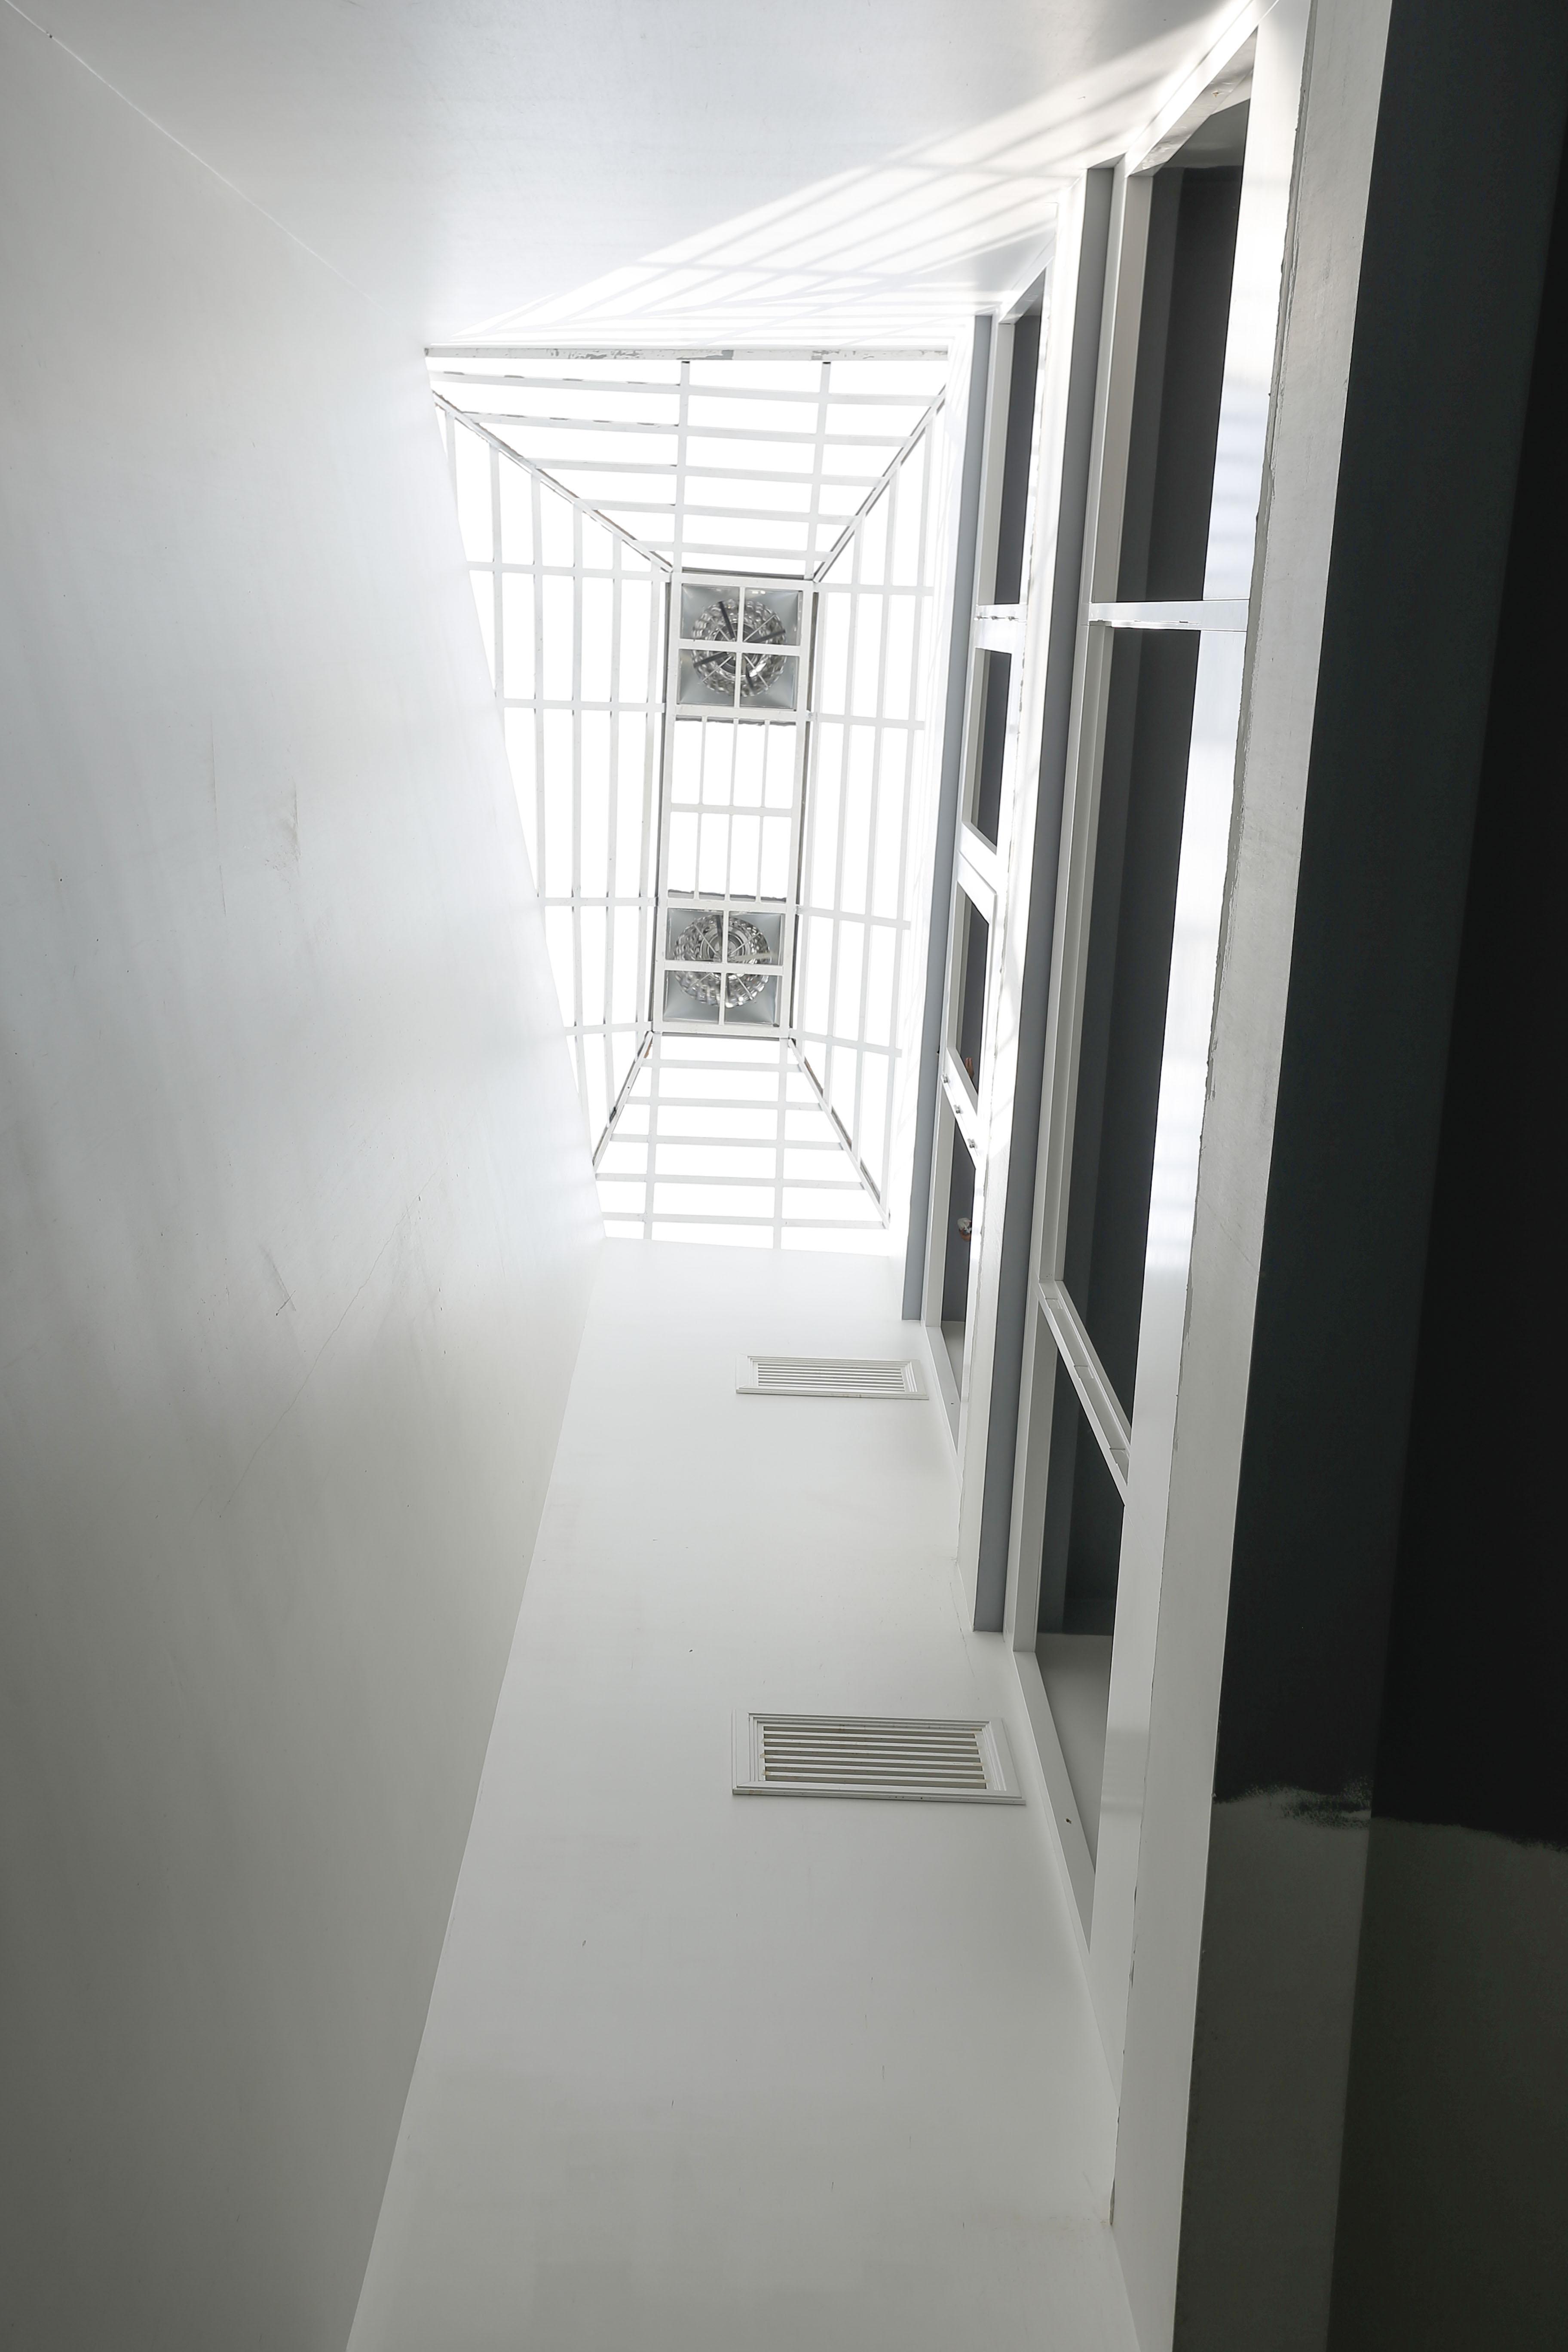 thi-cong-showroom-noi-that-o-cu-chi